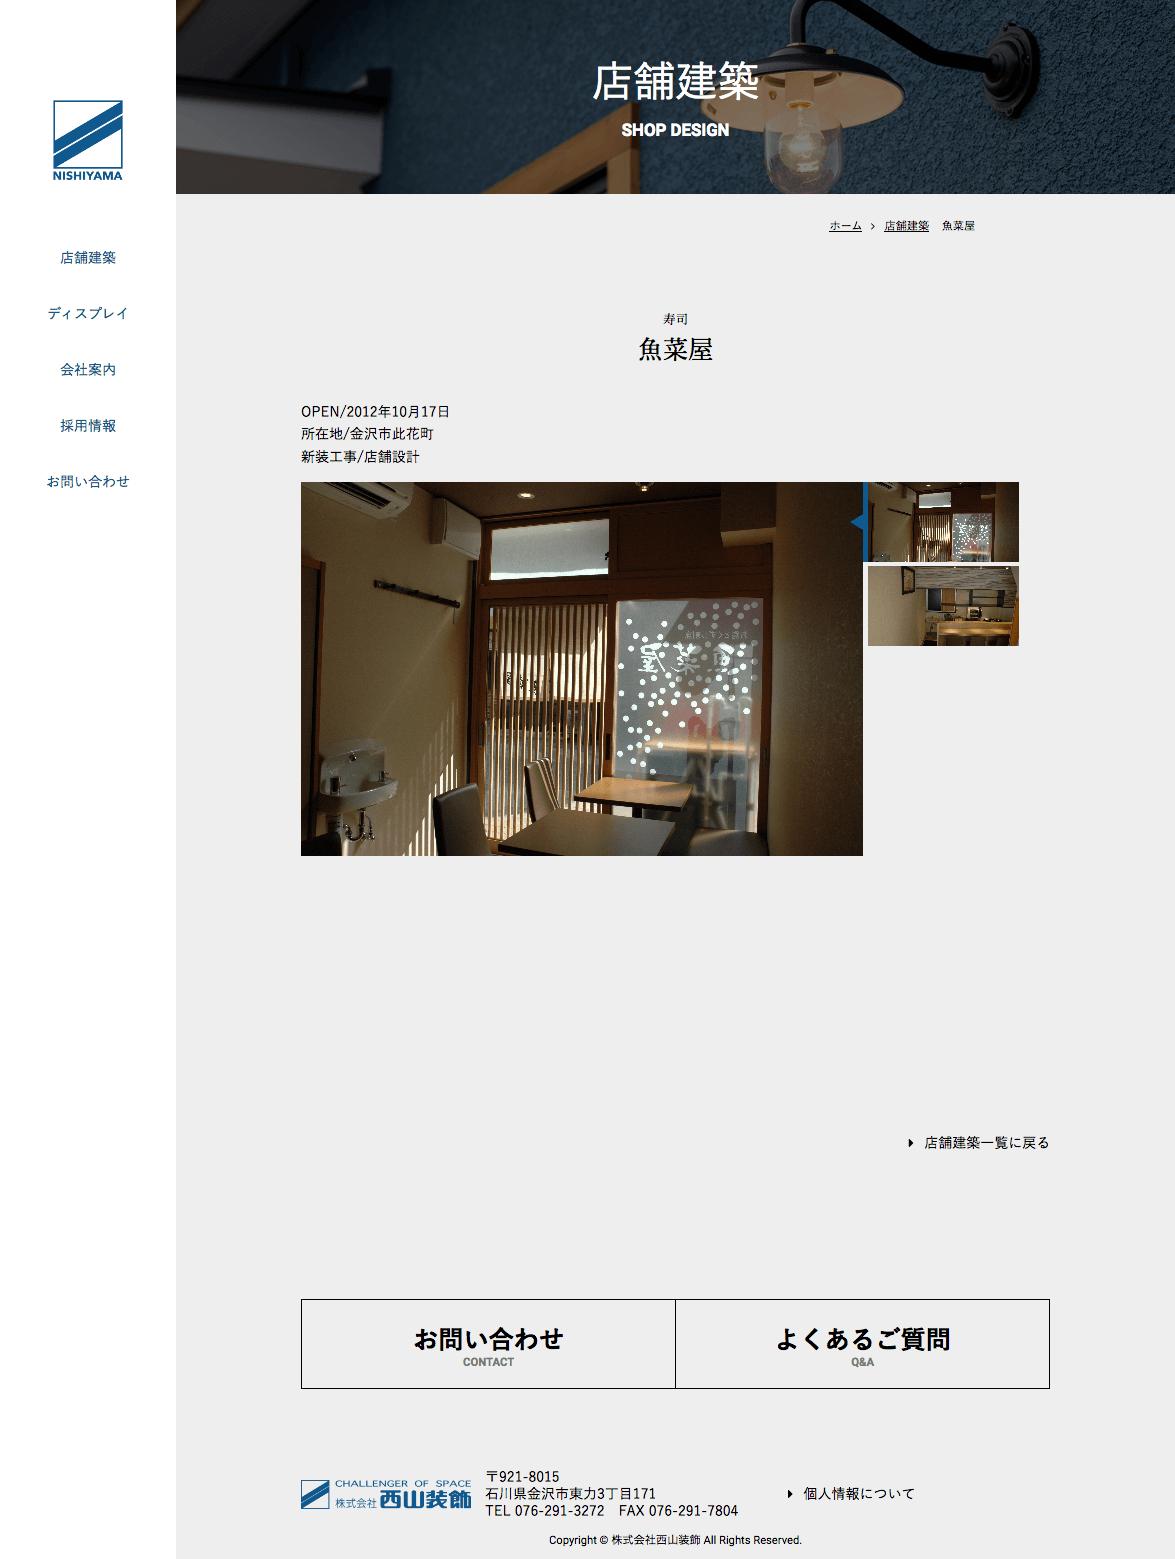 株式会社西山装飾